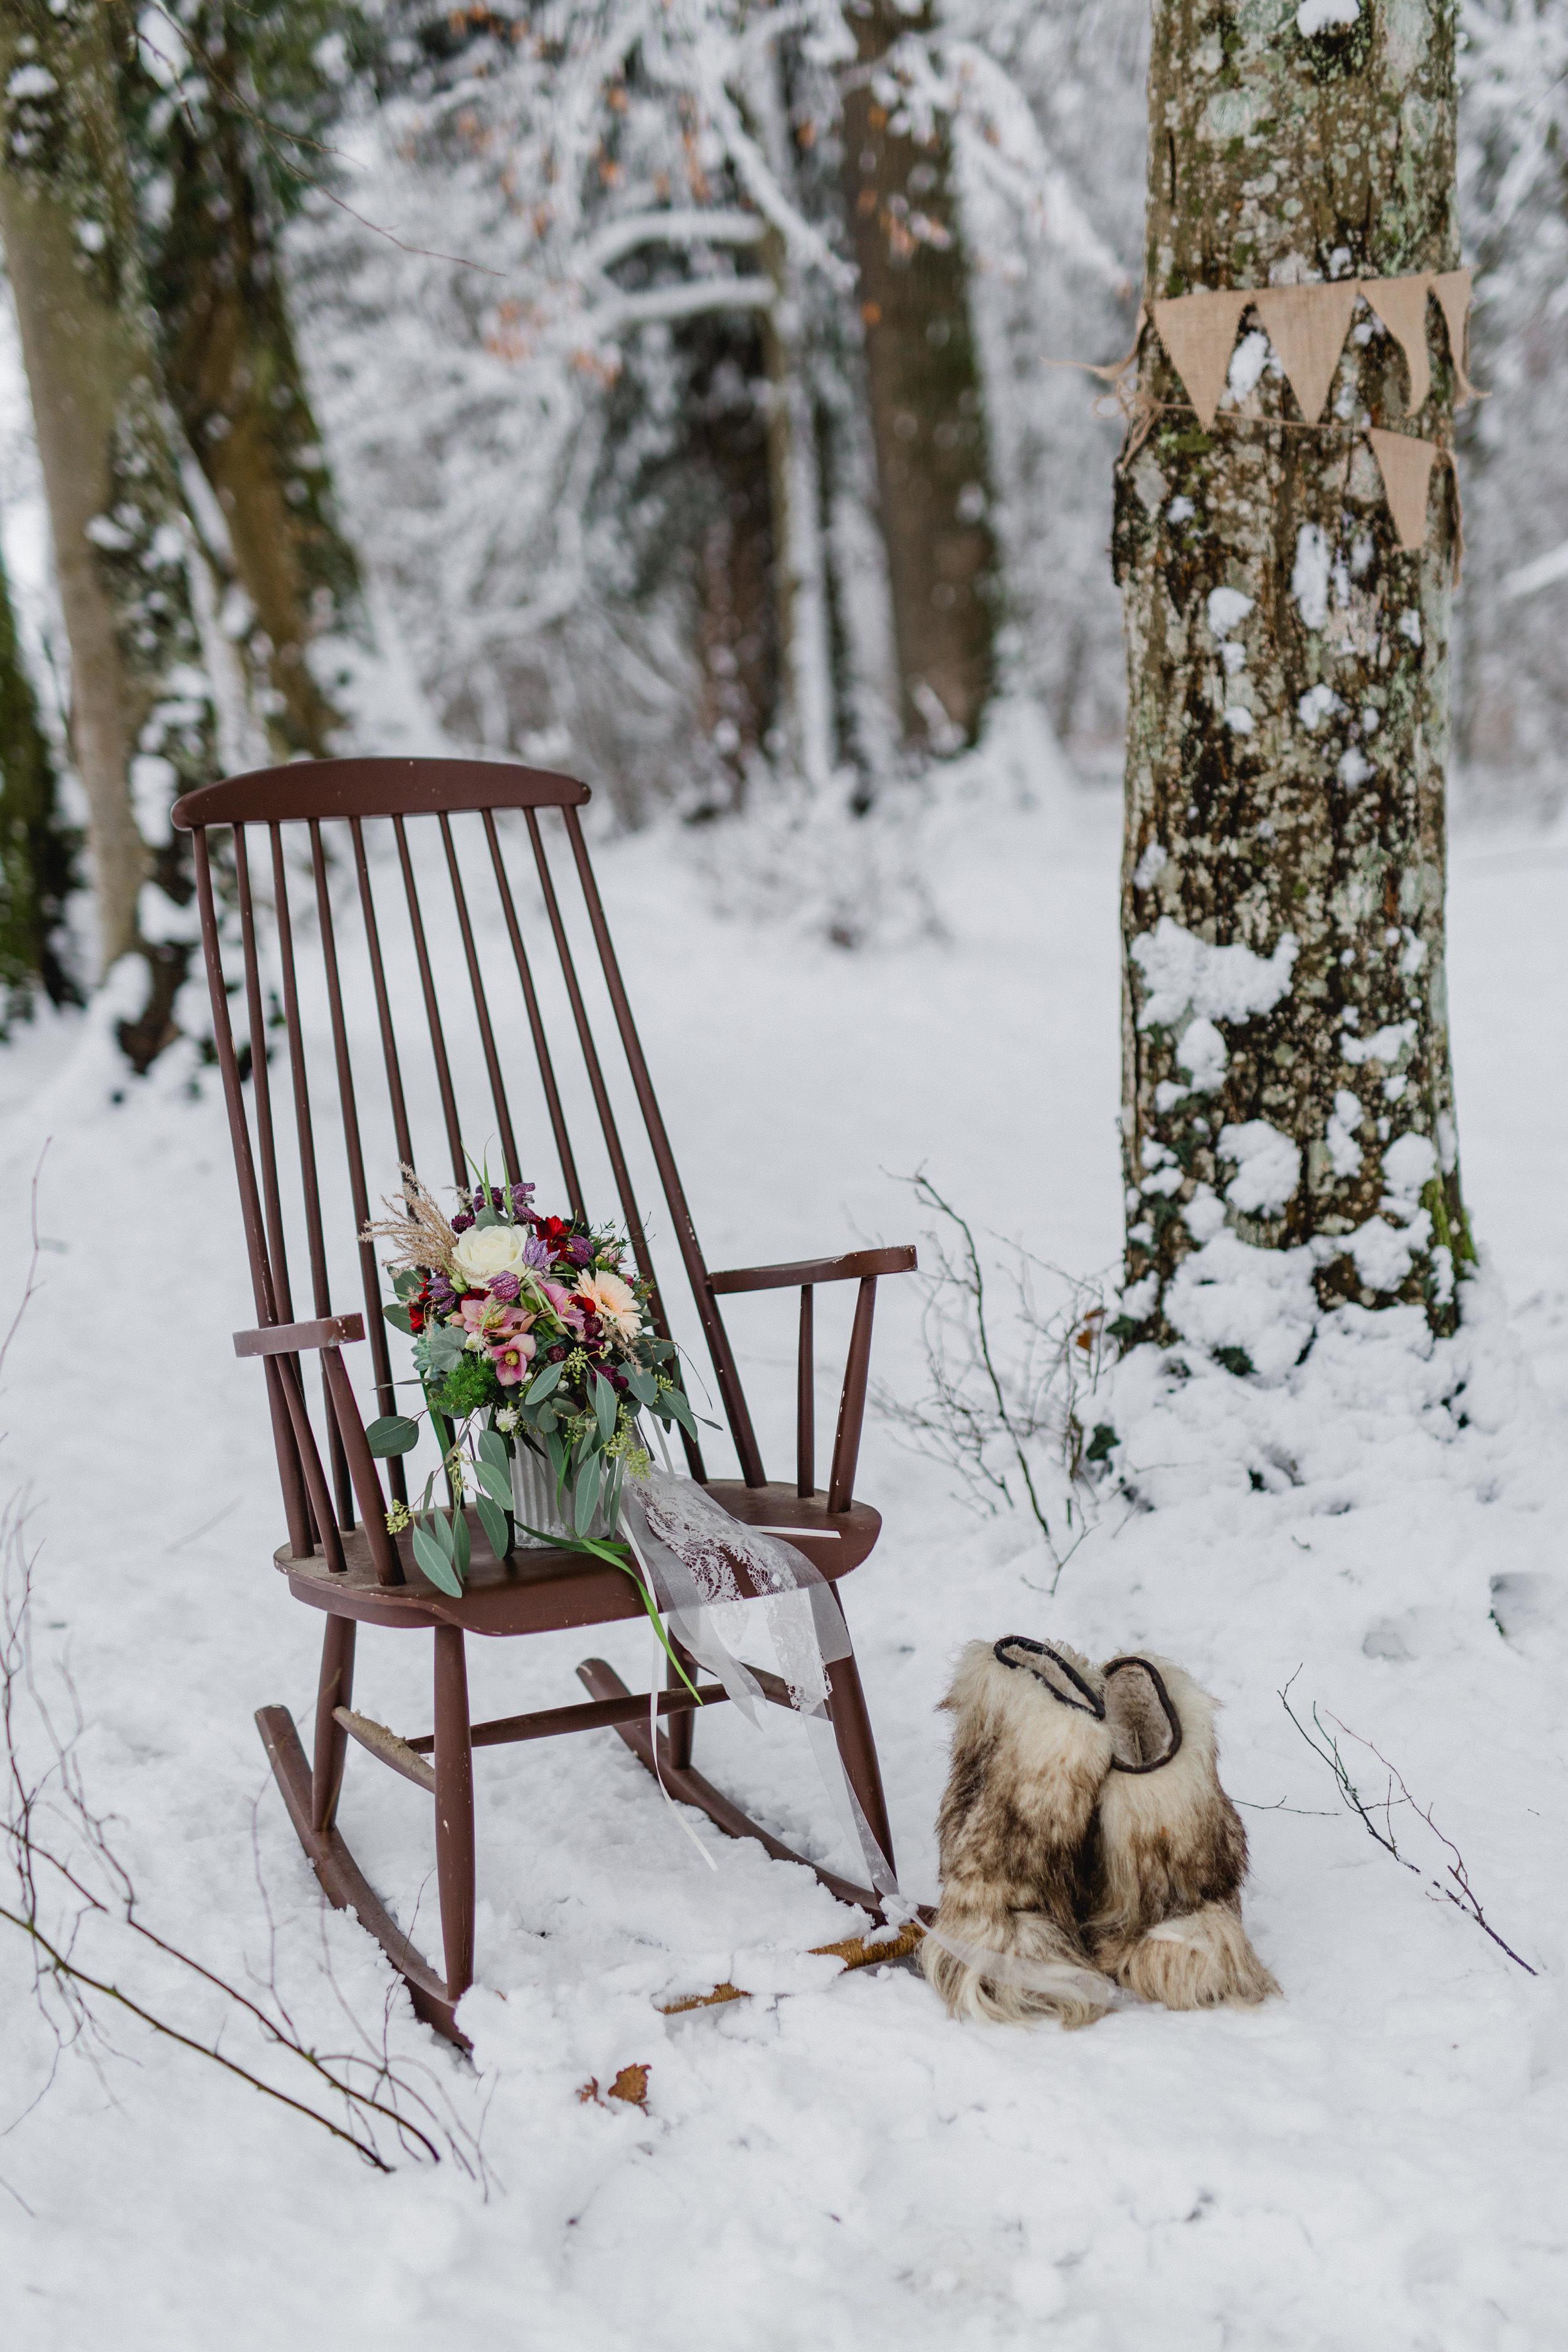 yessica-baur-fotografie-styleshooting-huskies-6974.JPG